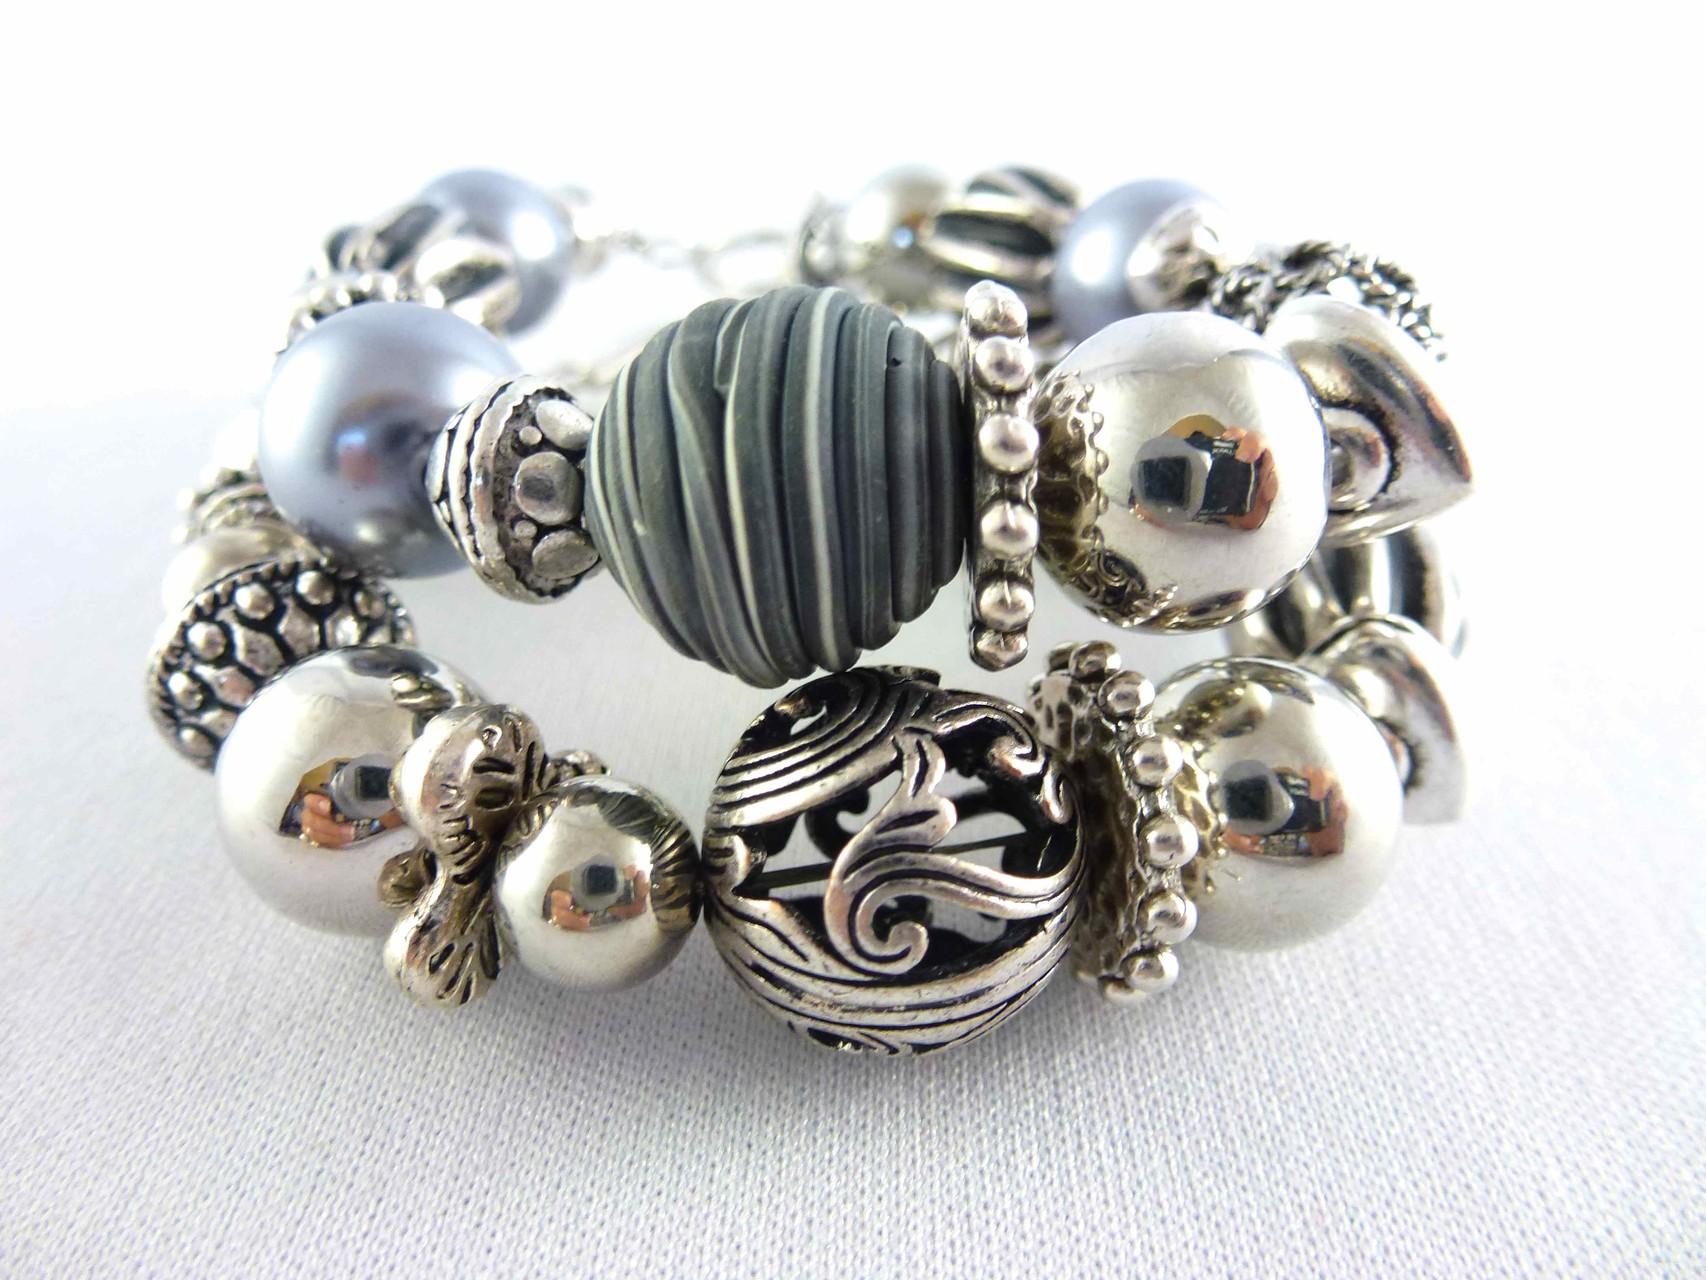 Bijoux Fantaisie: Bracelets Ref. BR7, BR8, Collection Hiver 2015, Créations Chagoë